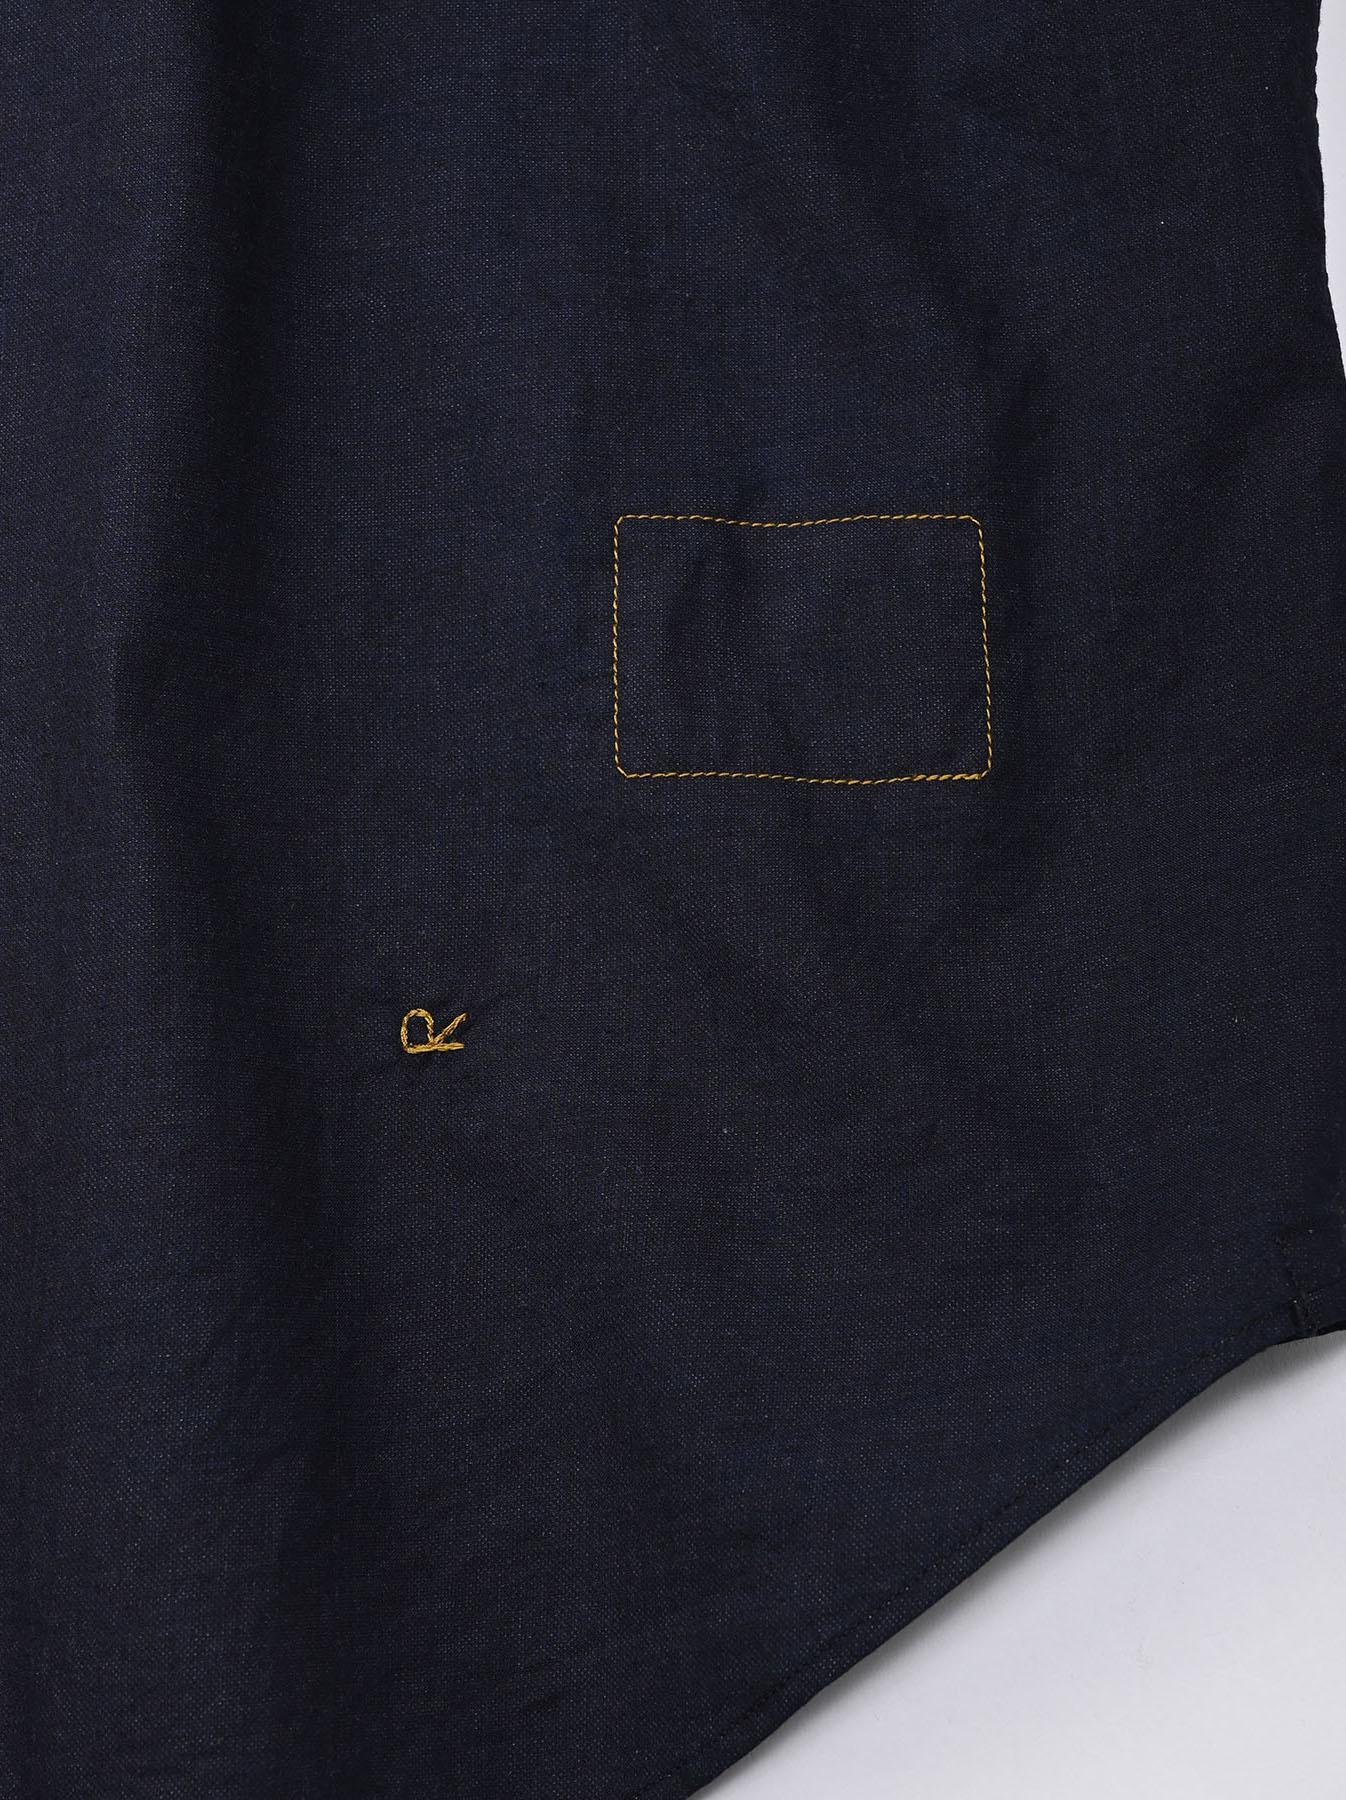 Indigo Double Woven 908 Loafer Shirt (0421)-12